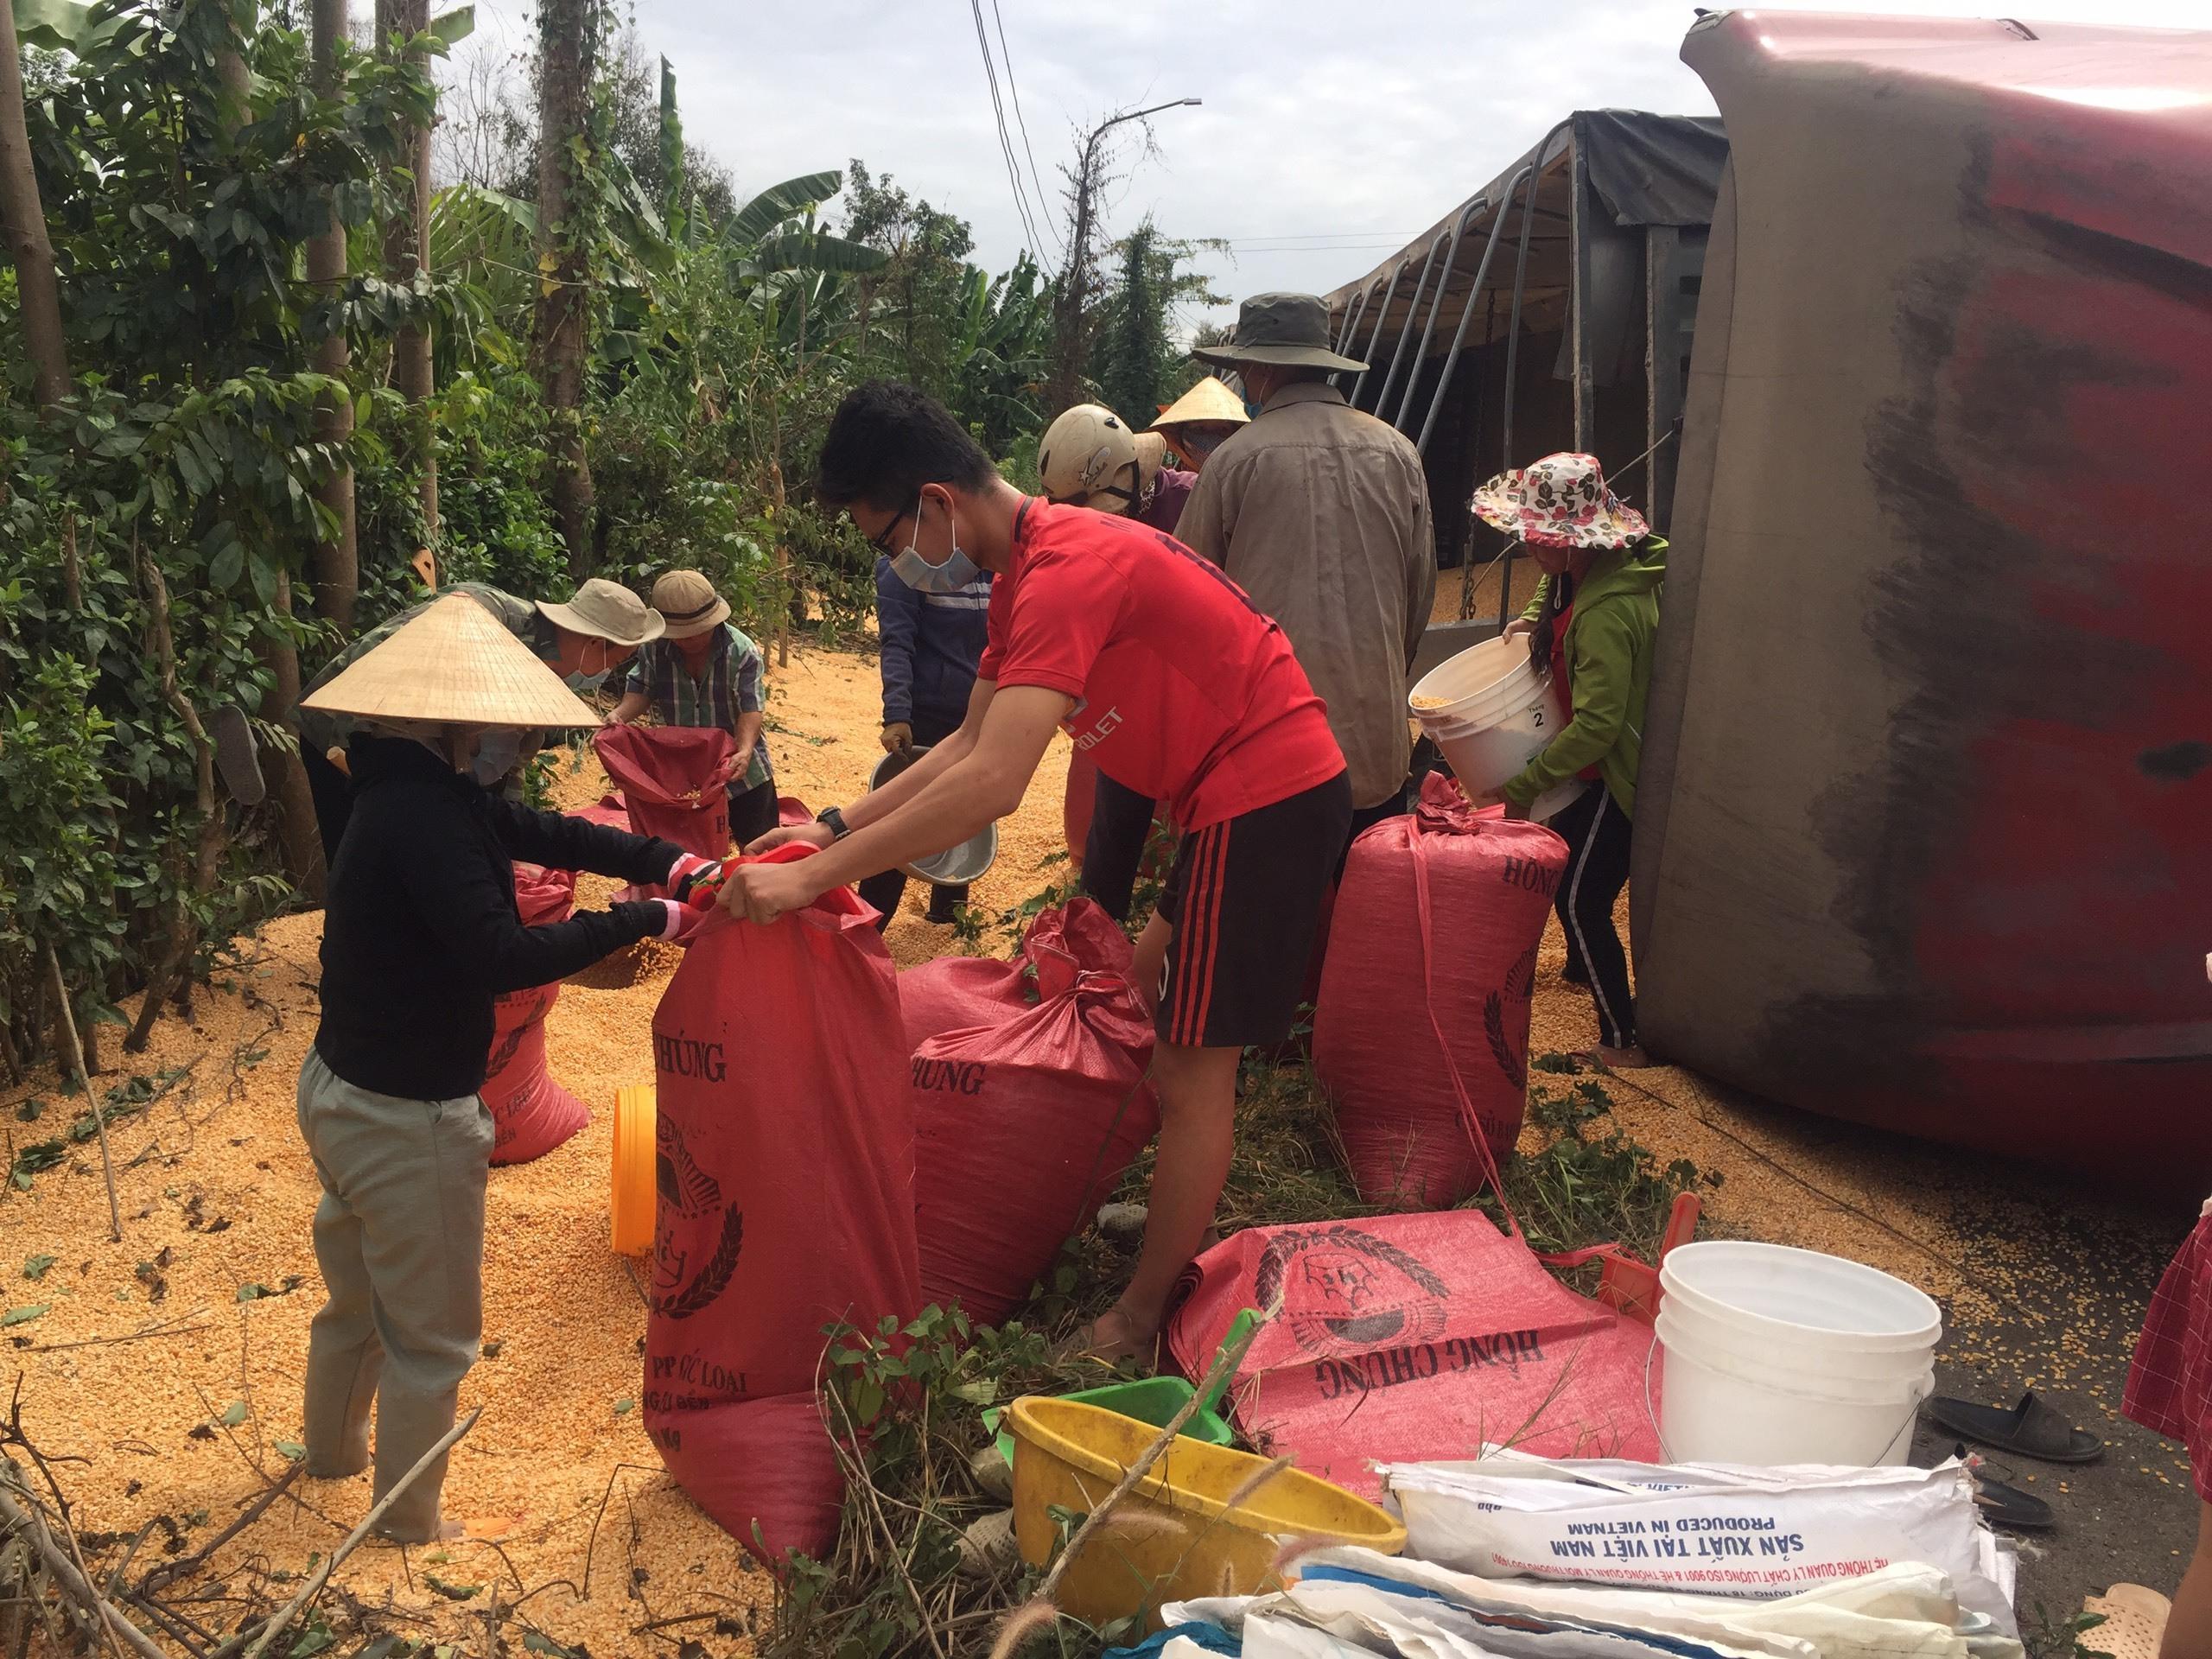 Xe container bị lật nhào ở Vũng Tàu, gần 30 tấn ngô vương vãi khắp đường